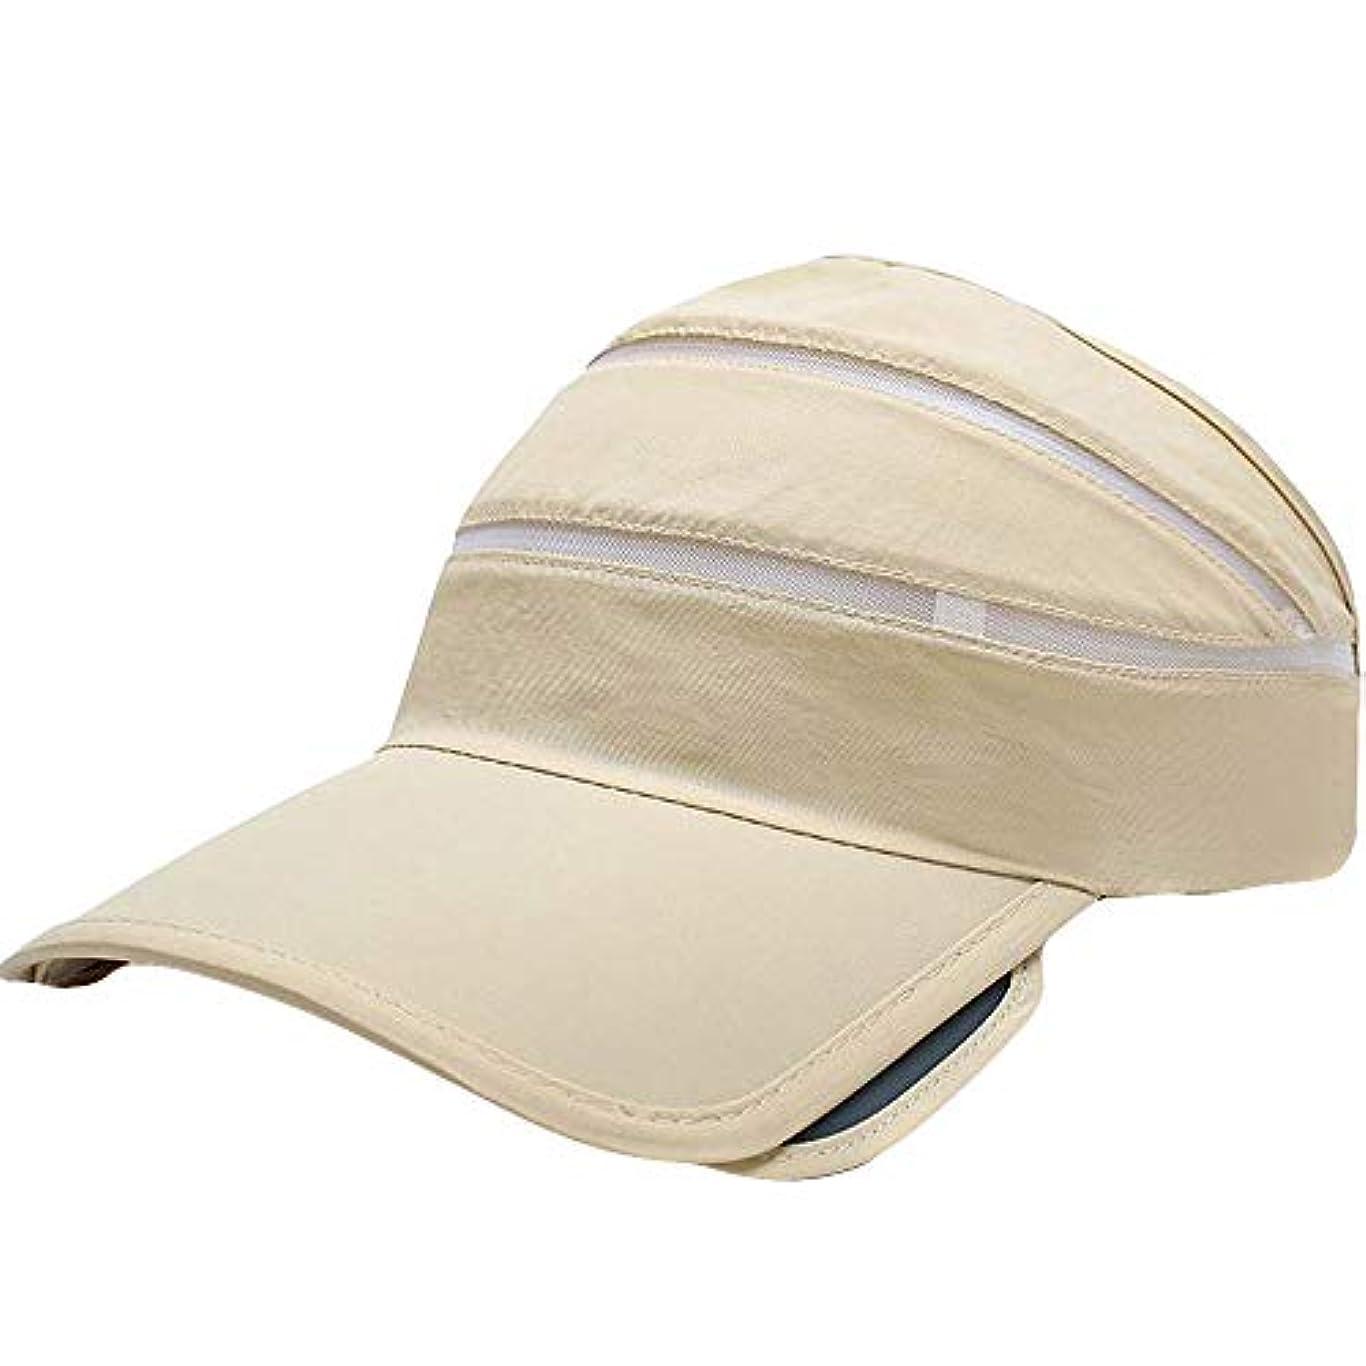 変な死傷者真鍮Racazing Cap 野球帽 ヒップホップ メンズ 男女兼用 夏 登山 帽子スパンコール 可調整可能 プラスベルベット 棒球帽 UV 帽子 軽量 屋外 Unisex Hat